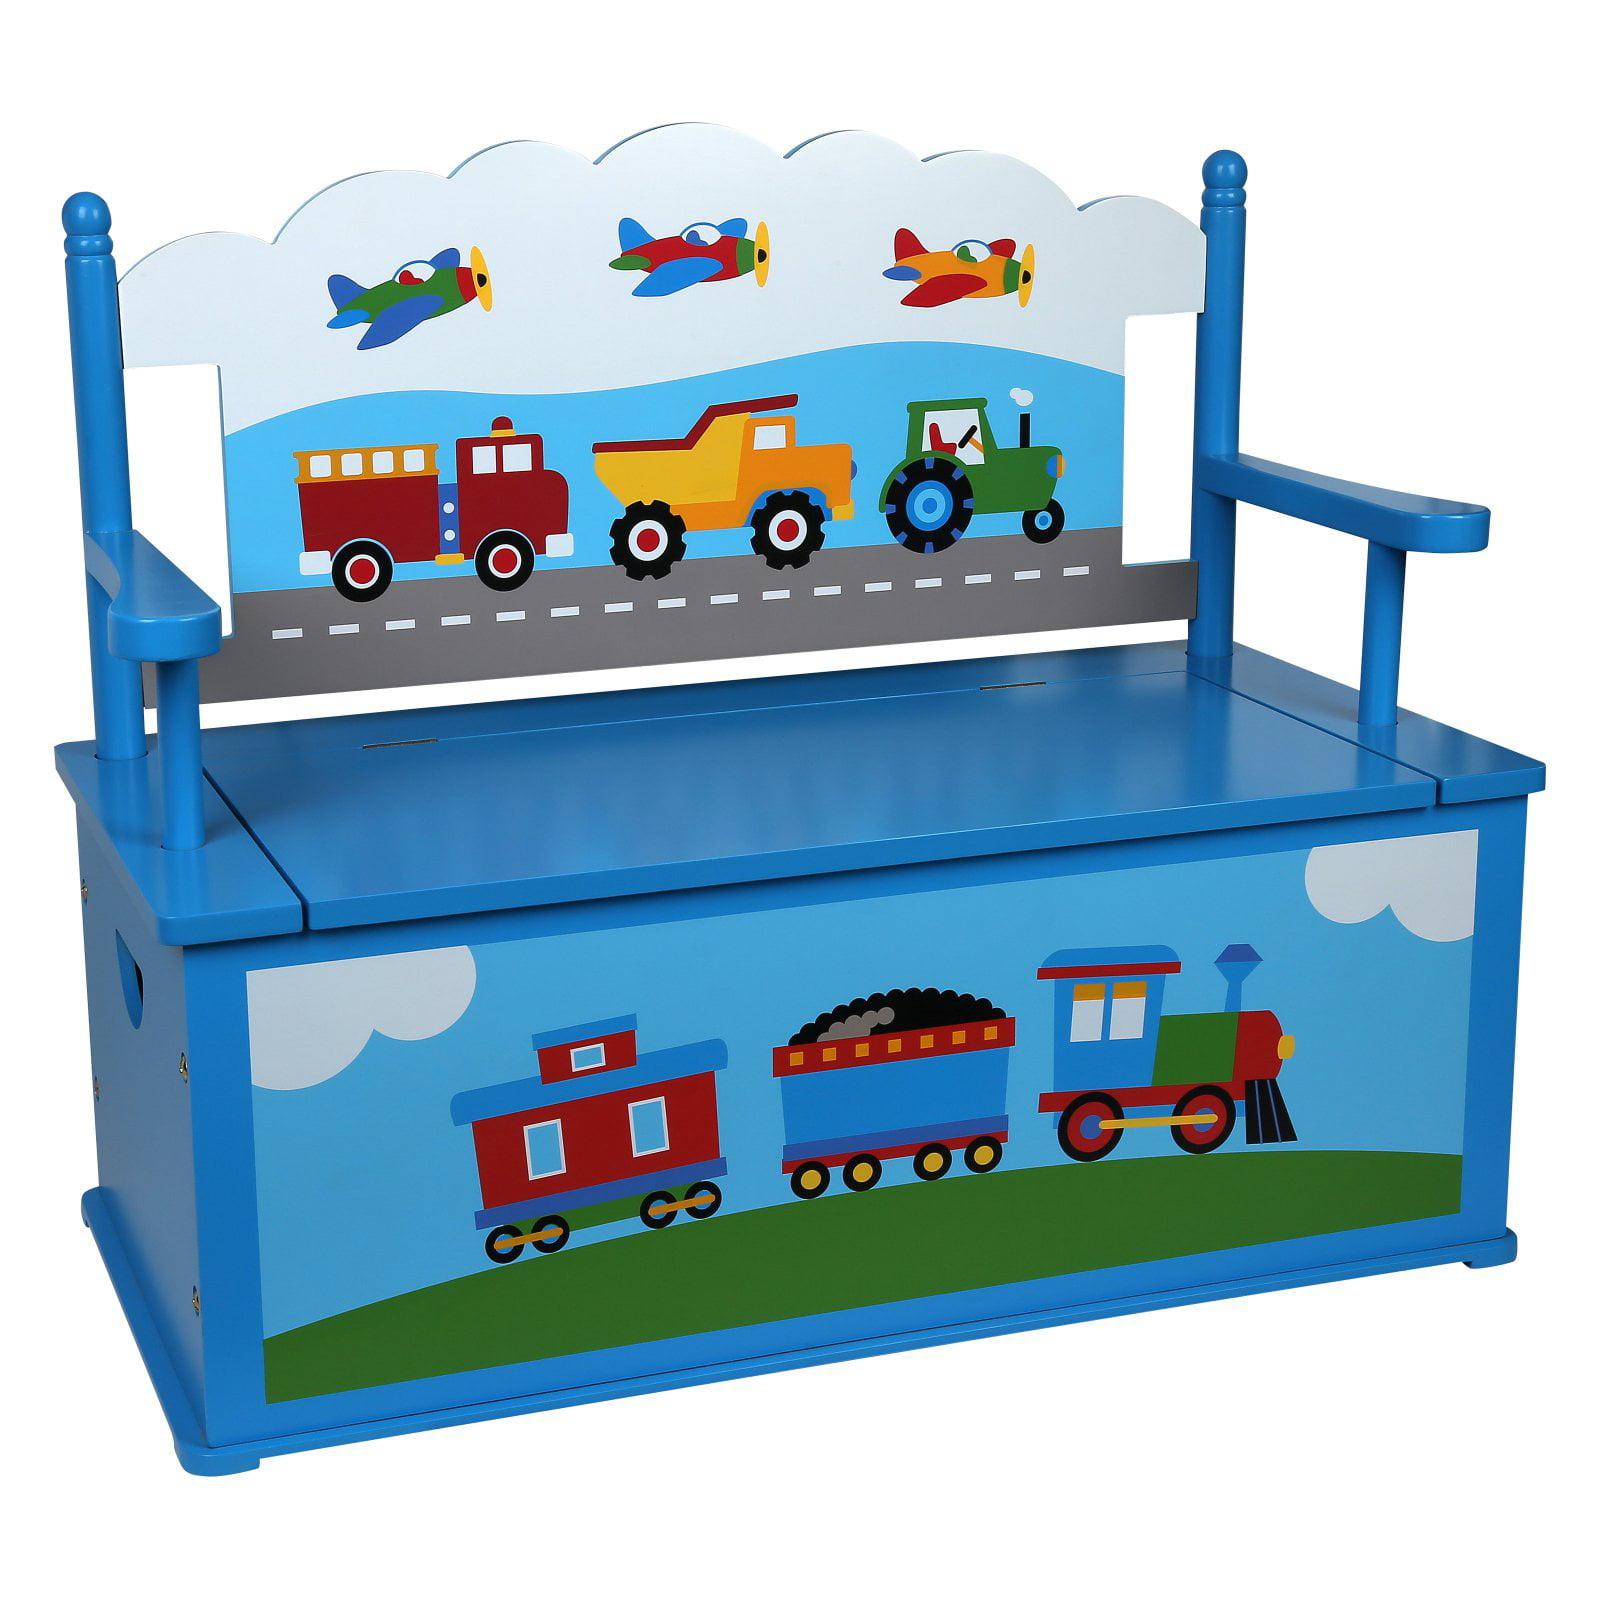 Olive Kids Trains, Planes, Trucks Bench Seat with Storage by Wildkin